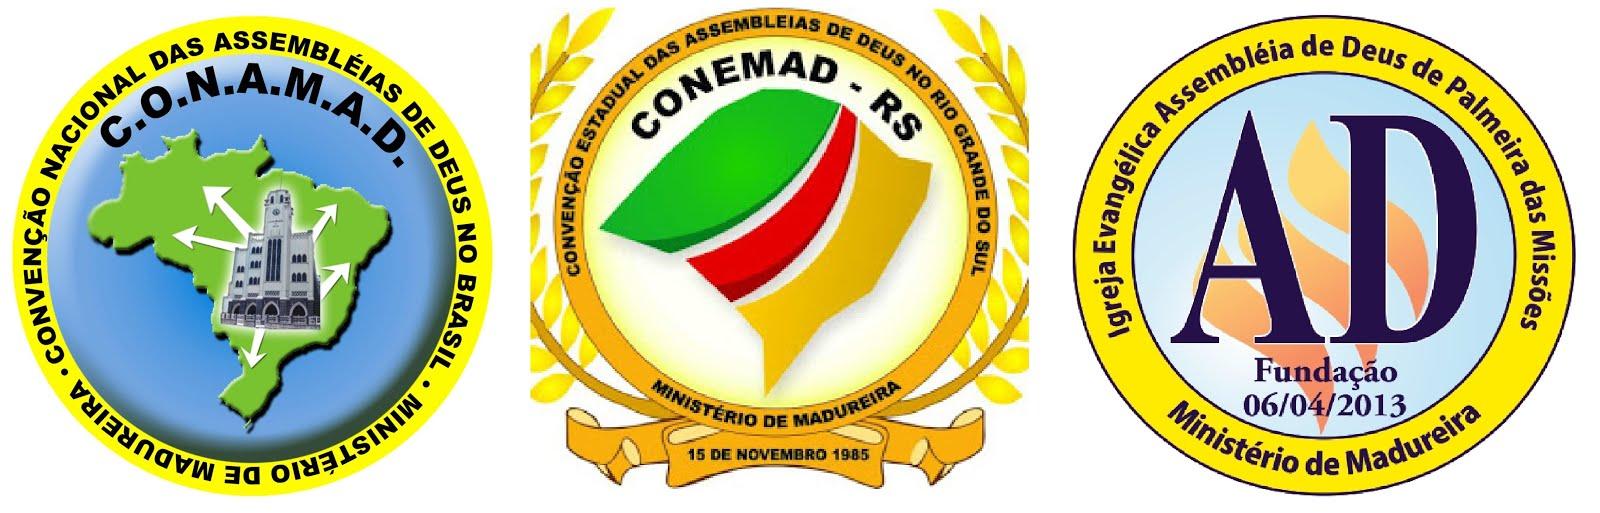 CONAMAD            -            CONEMAD/RS            -            CAMPO DE PALMEIRA DAS MISSÕES